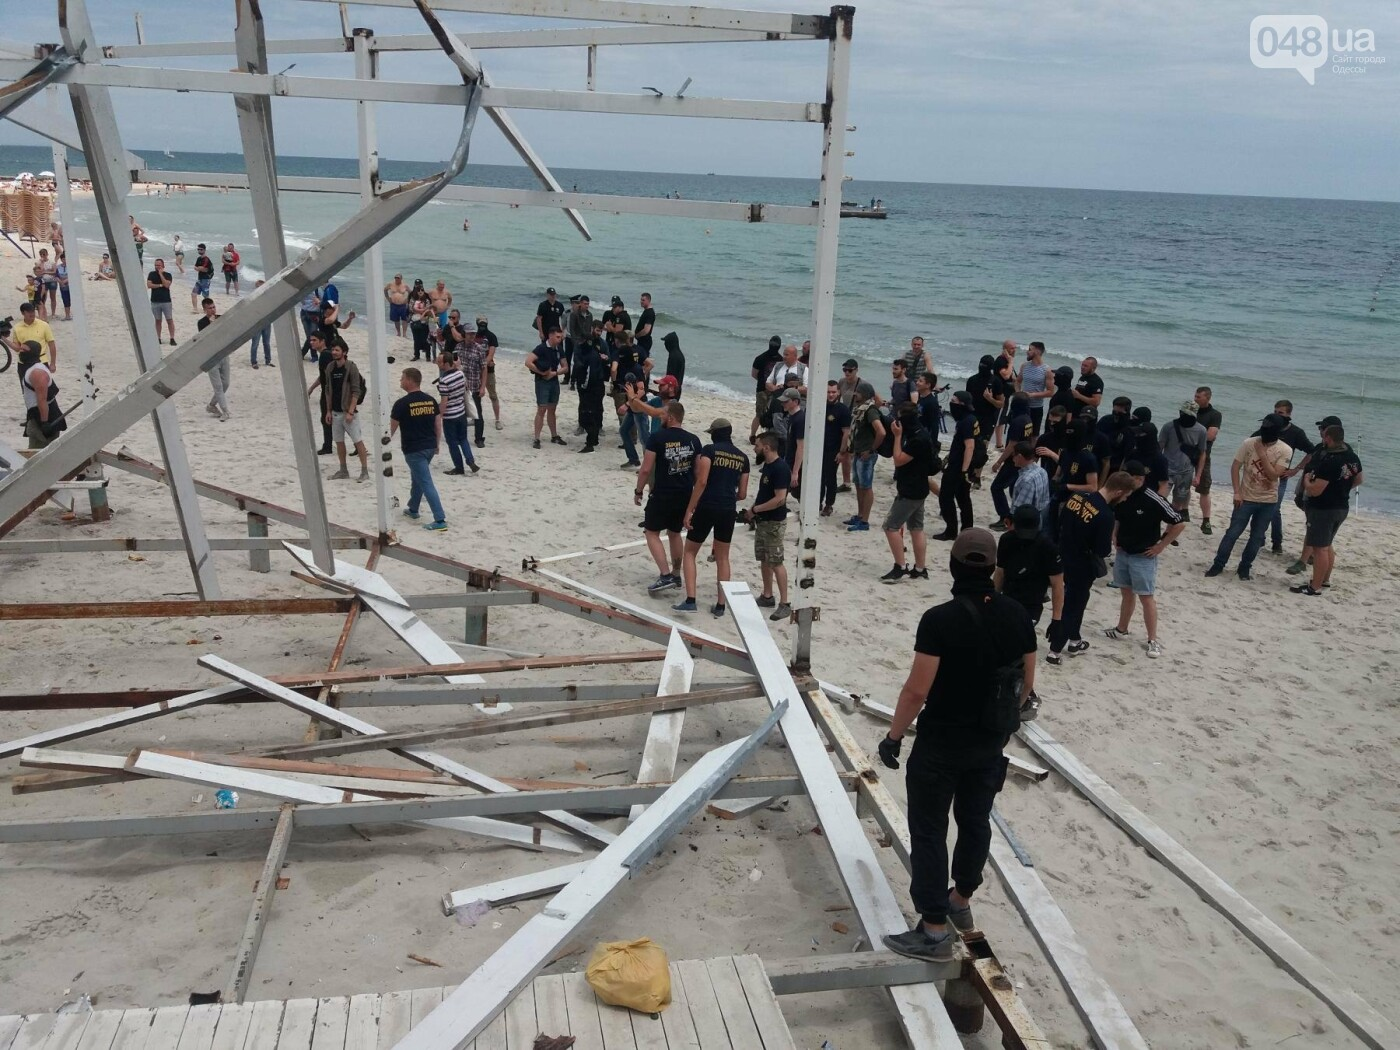 На Одесском пляже прошла акция по демонтажу незаконного сооружения, - ФОТО, ВИДЕО, фото-5